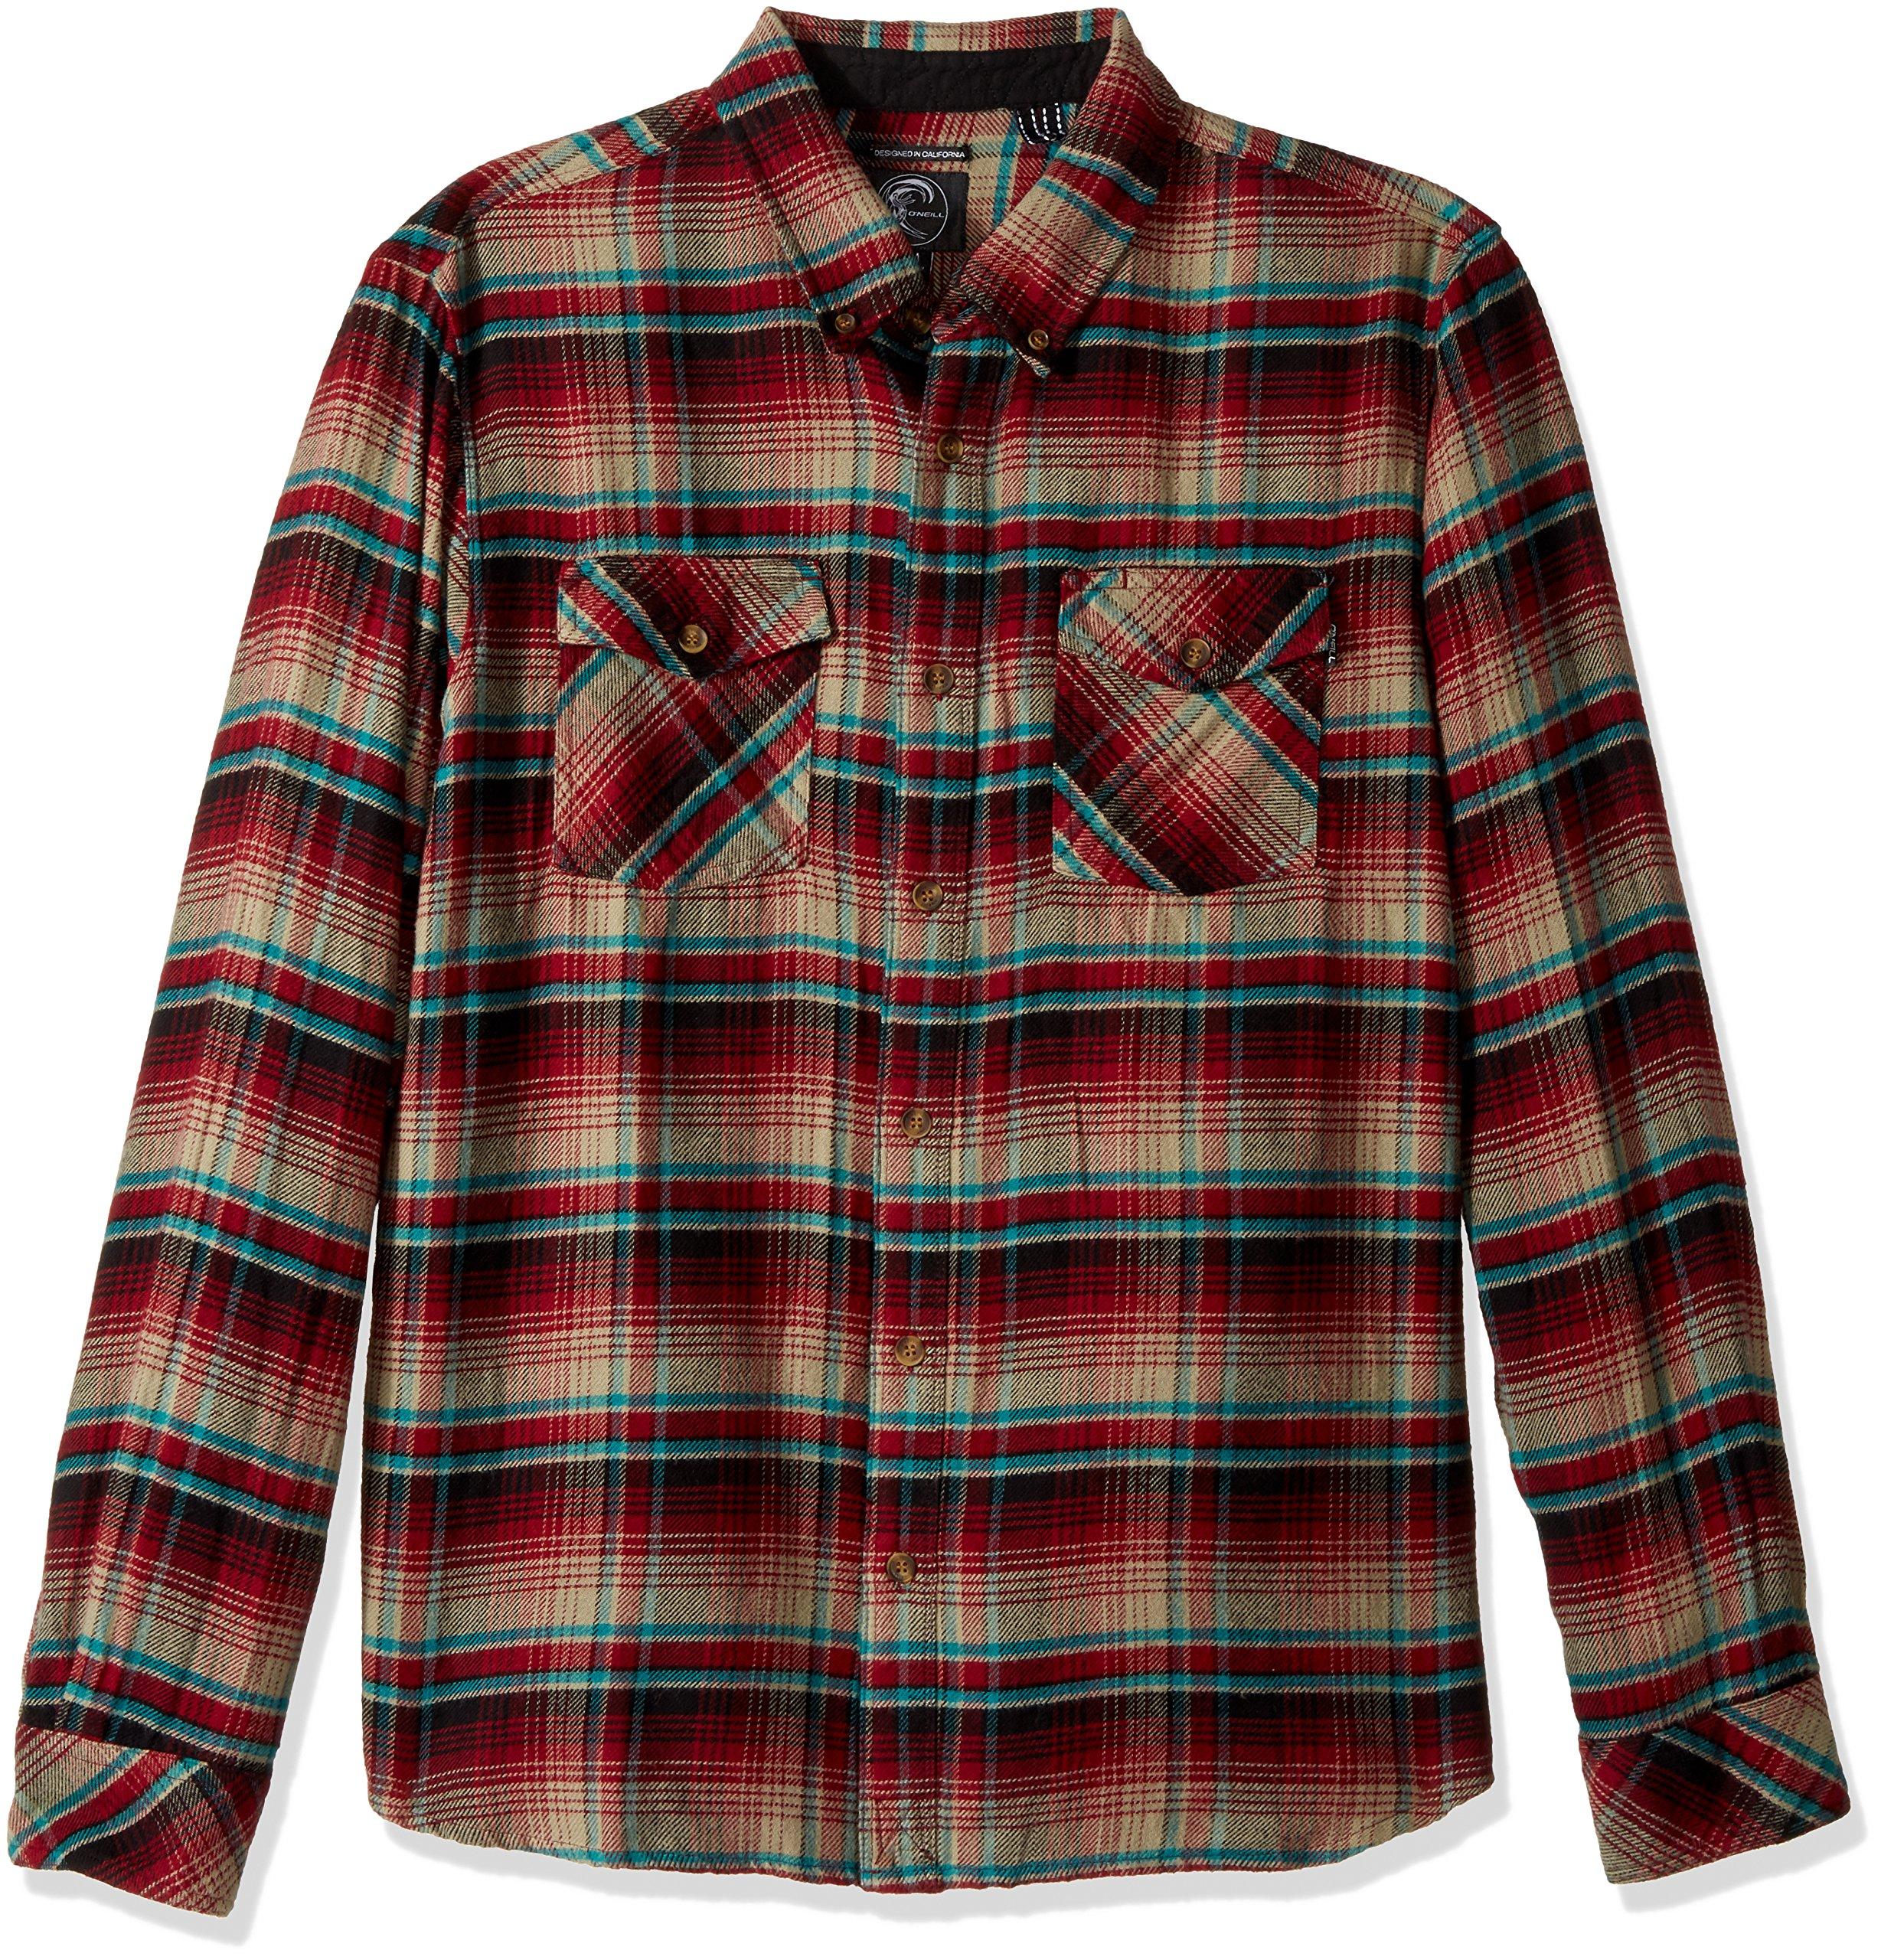 O'Neill Men's Butler Flannel Button up Shirt, Crimson, Small